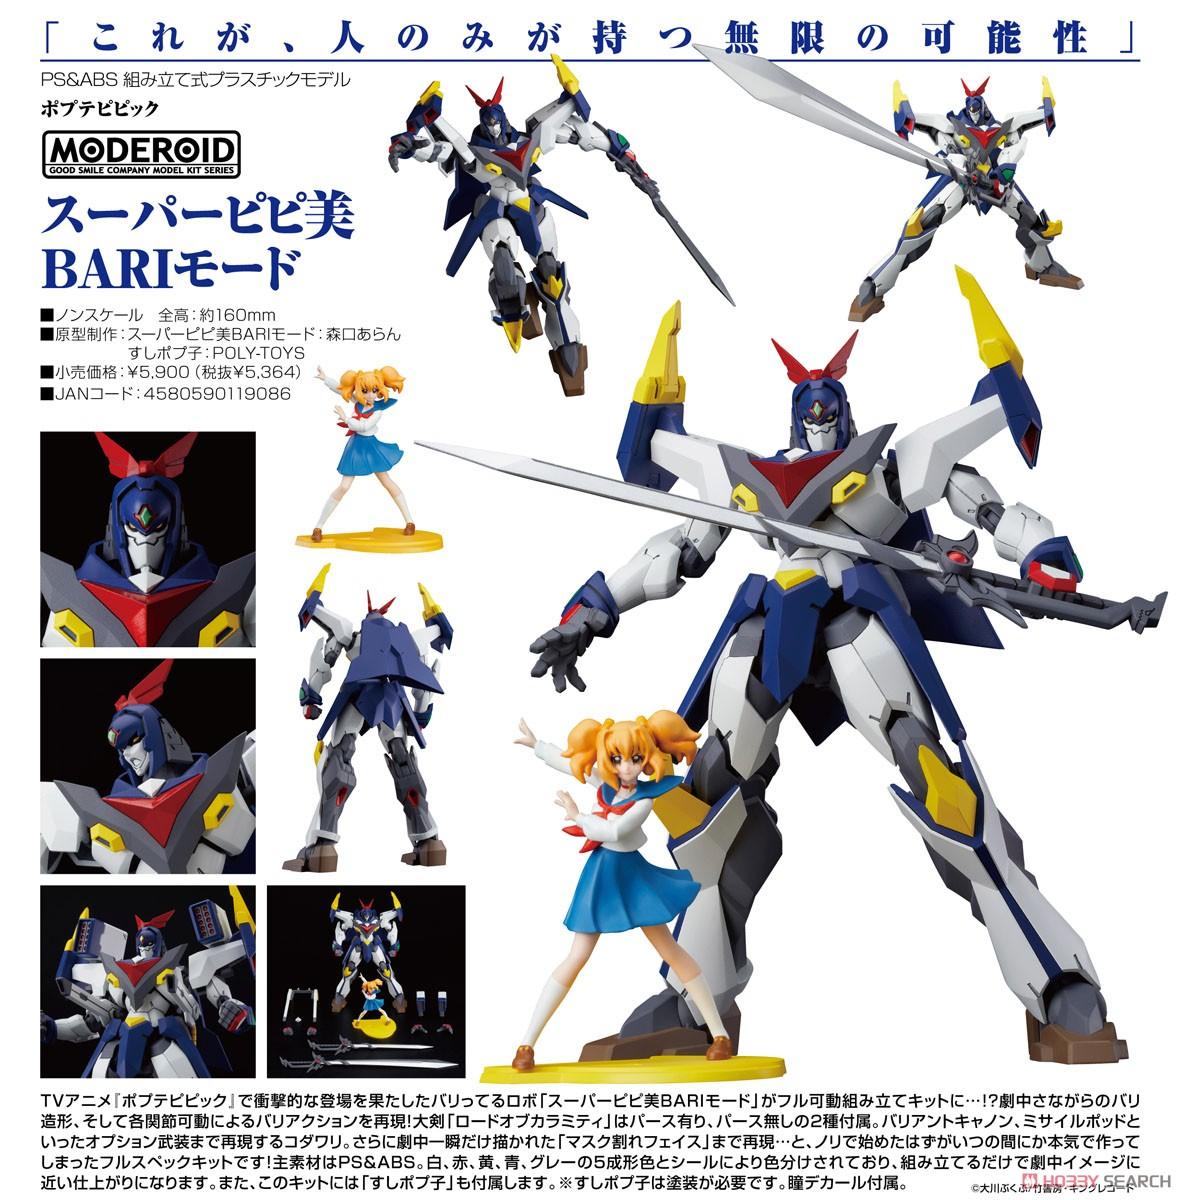 MODEROID『スーパーピピ美BARIモード』ポプテピピック プラモデル-010